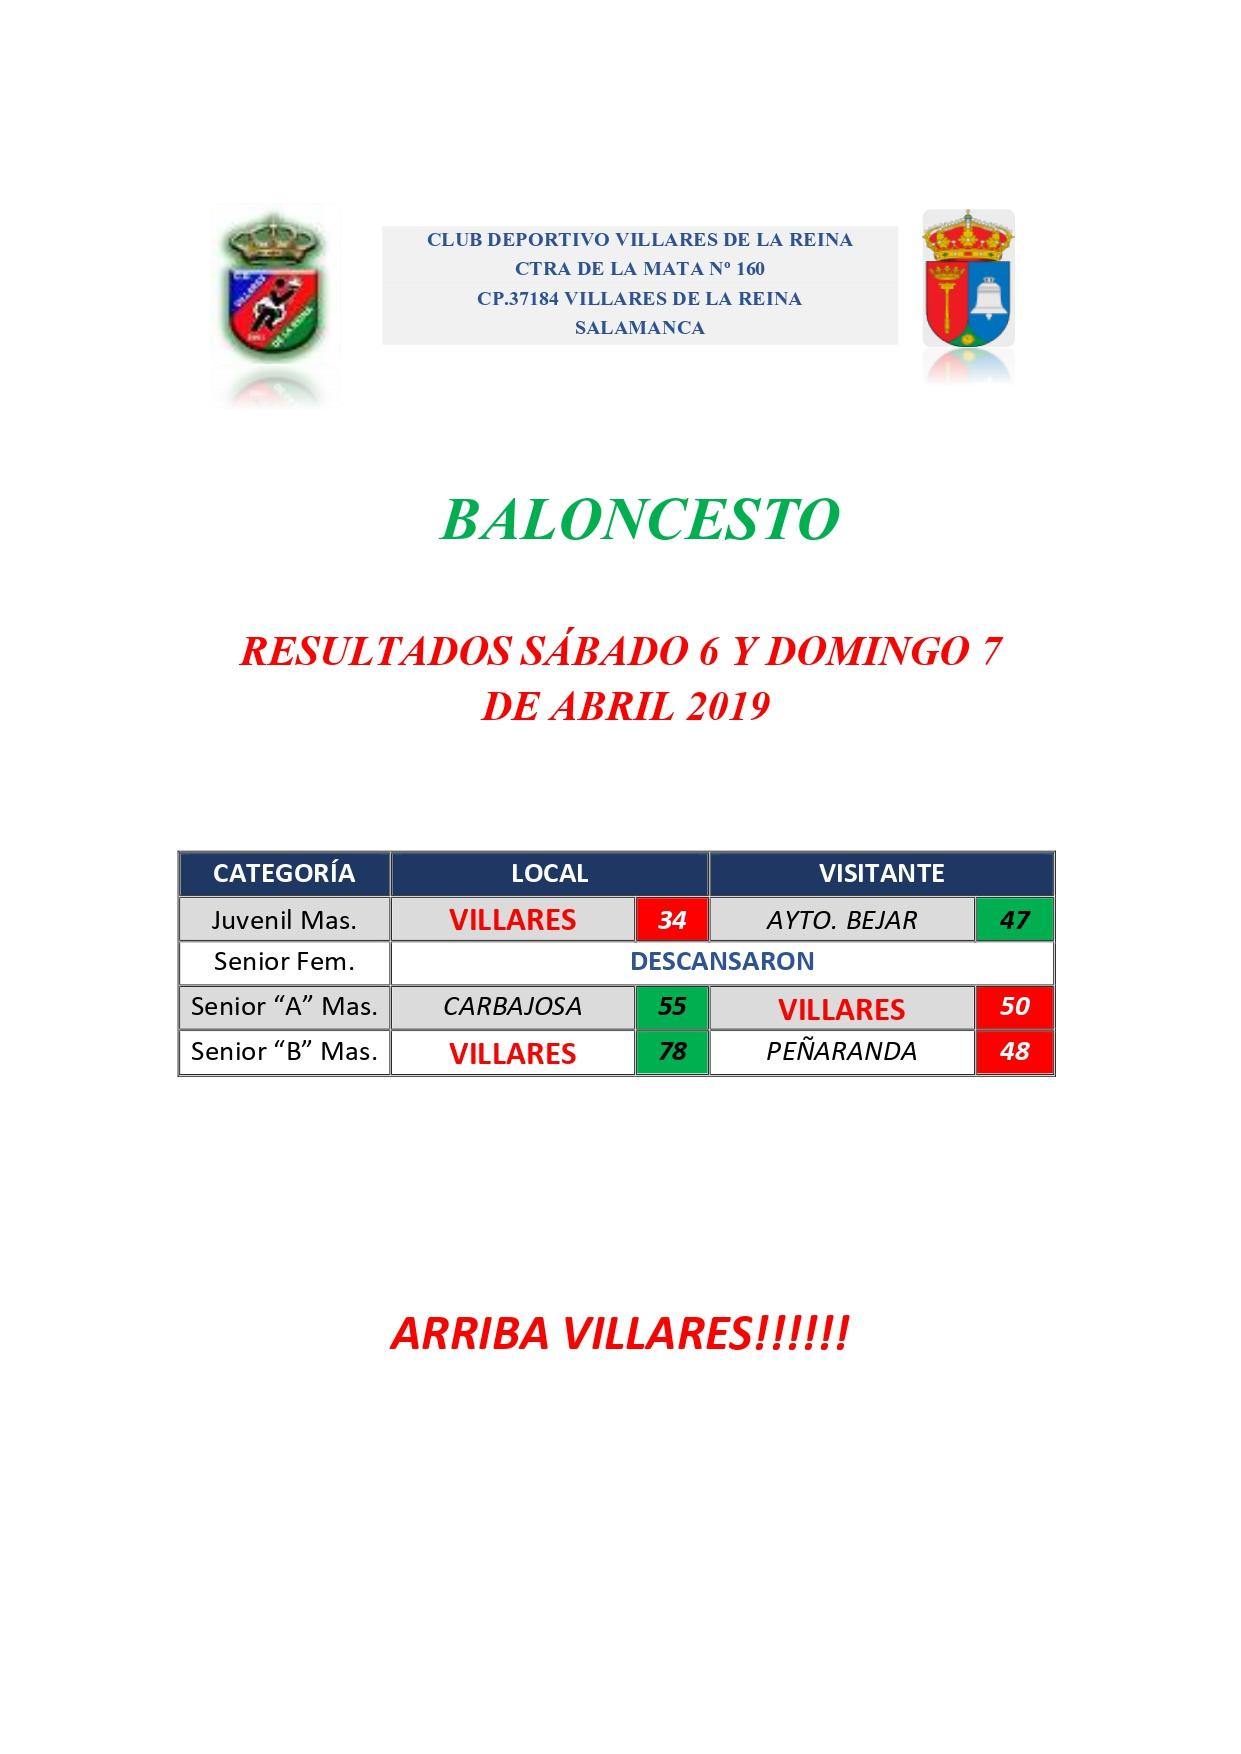 RESULTADOS DE BALONCESTO S�BADO 6 Y 7 DE ABRIL